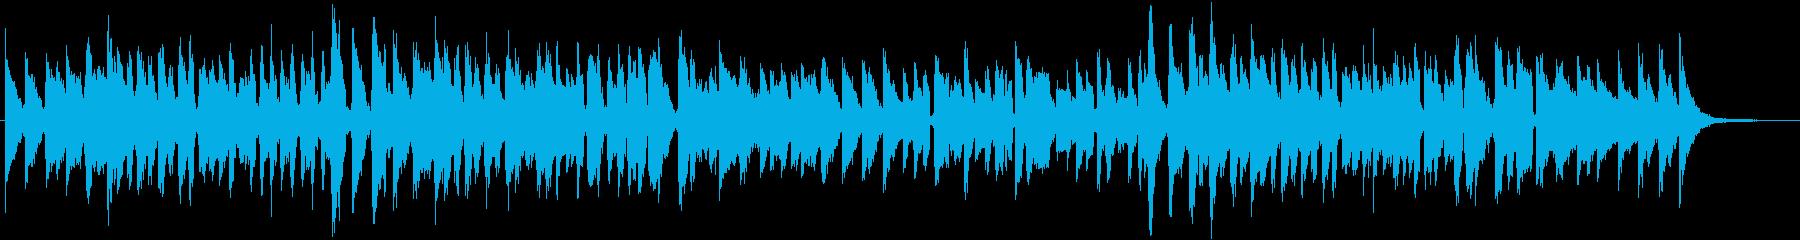 ひな祭りをテーマにした楽曲の再生済みの波形